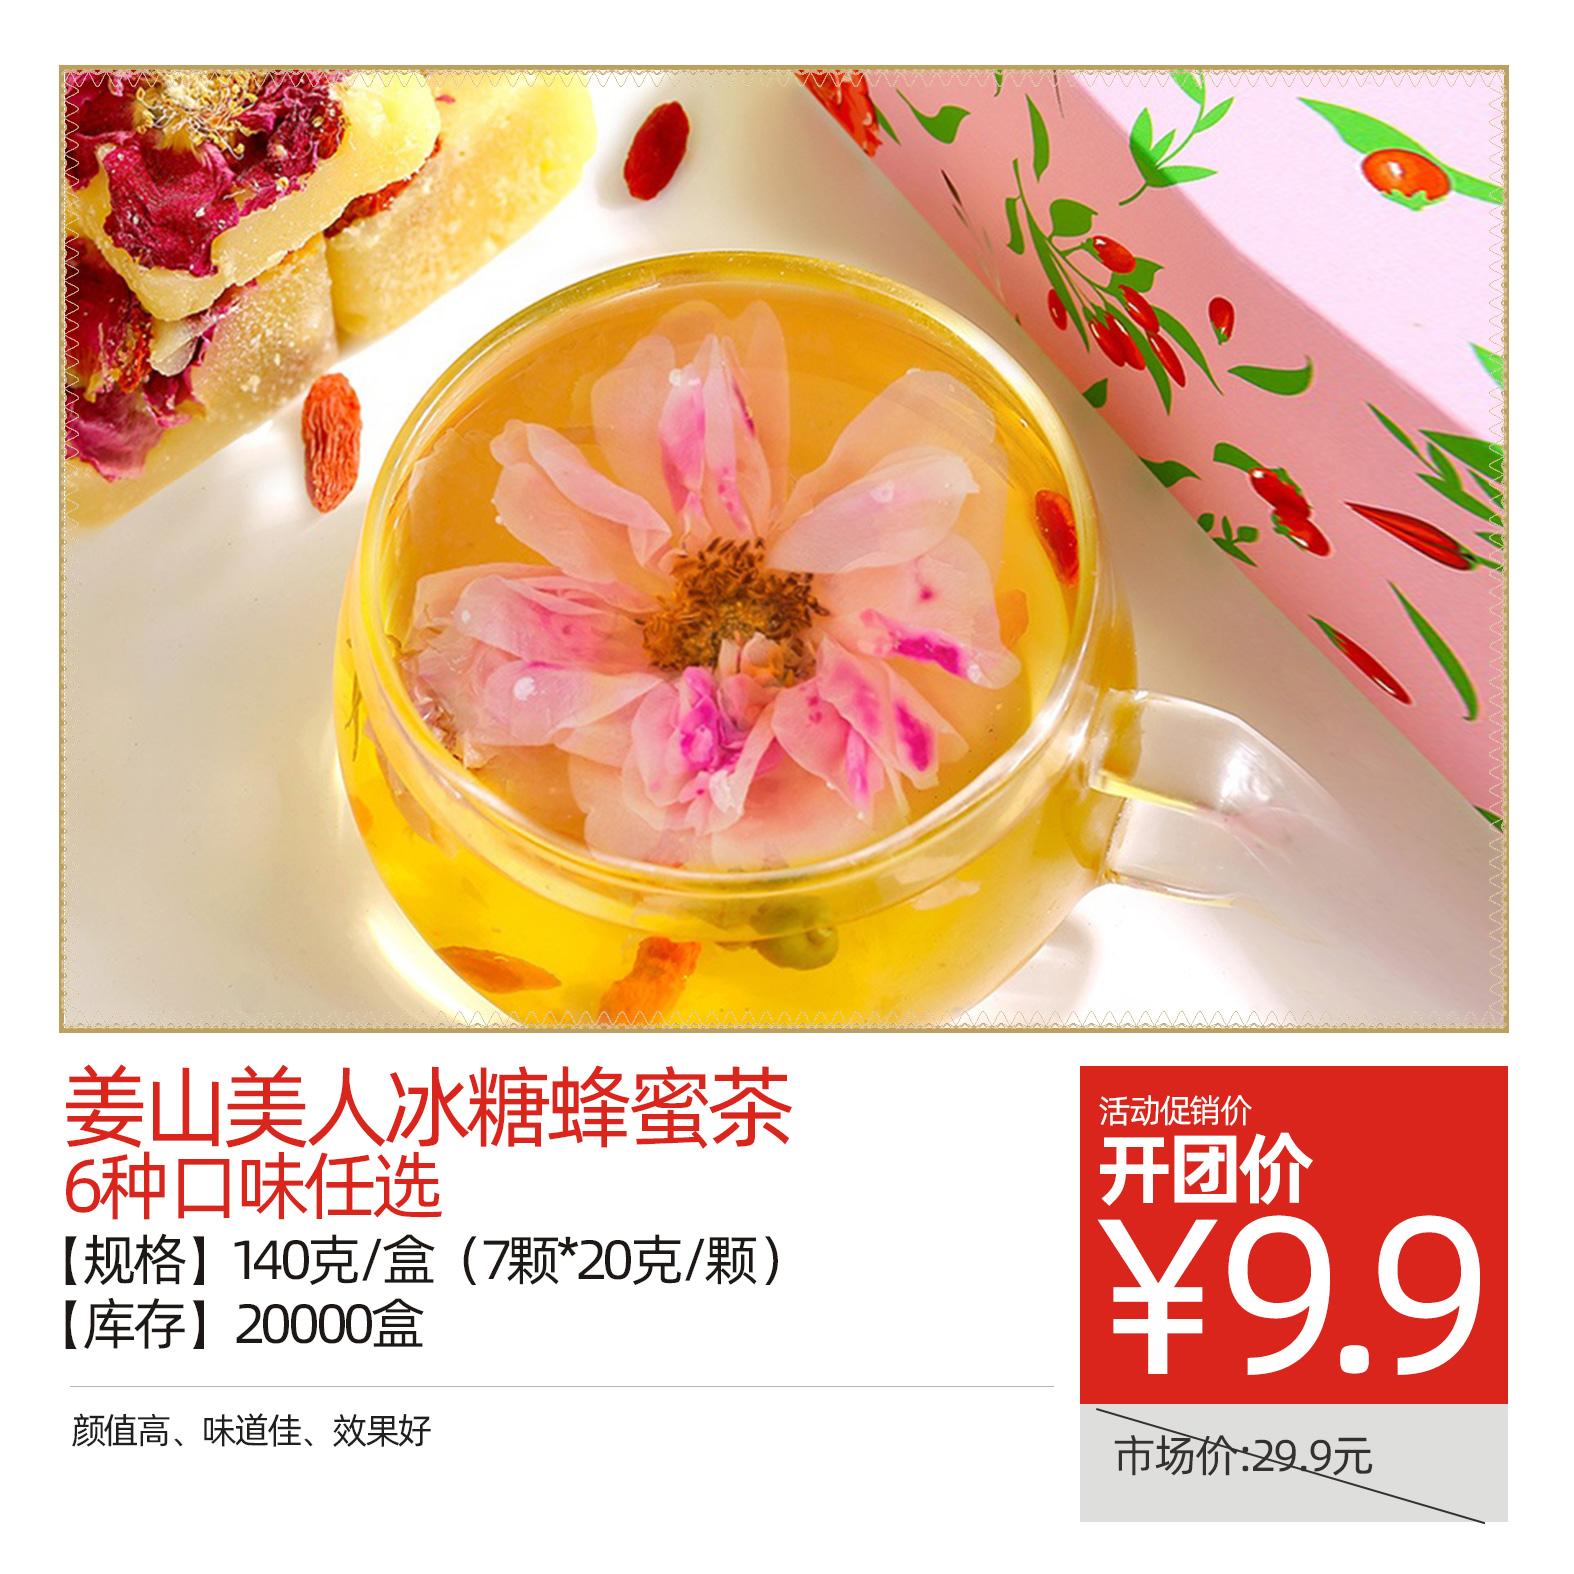 姜山美人冰糖蜂蜜茶,6种口味任选